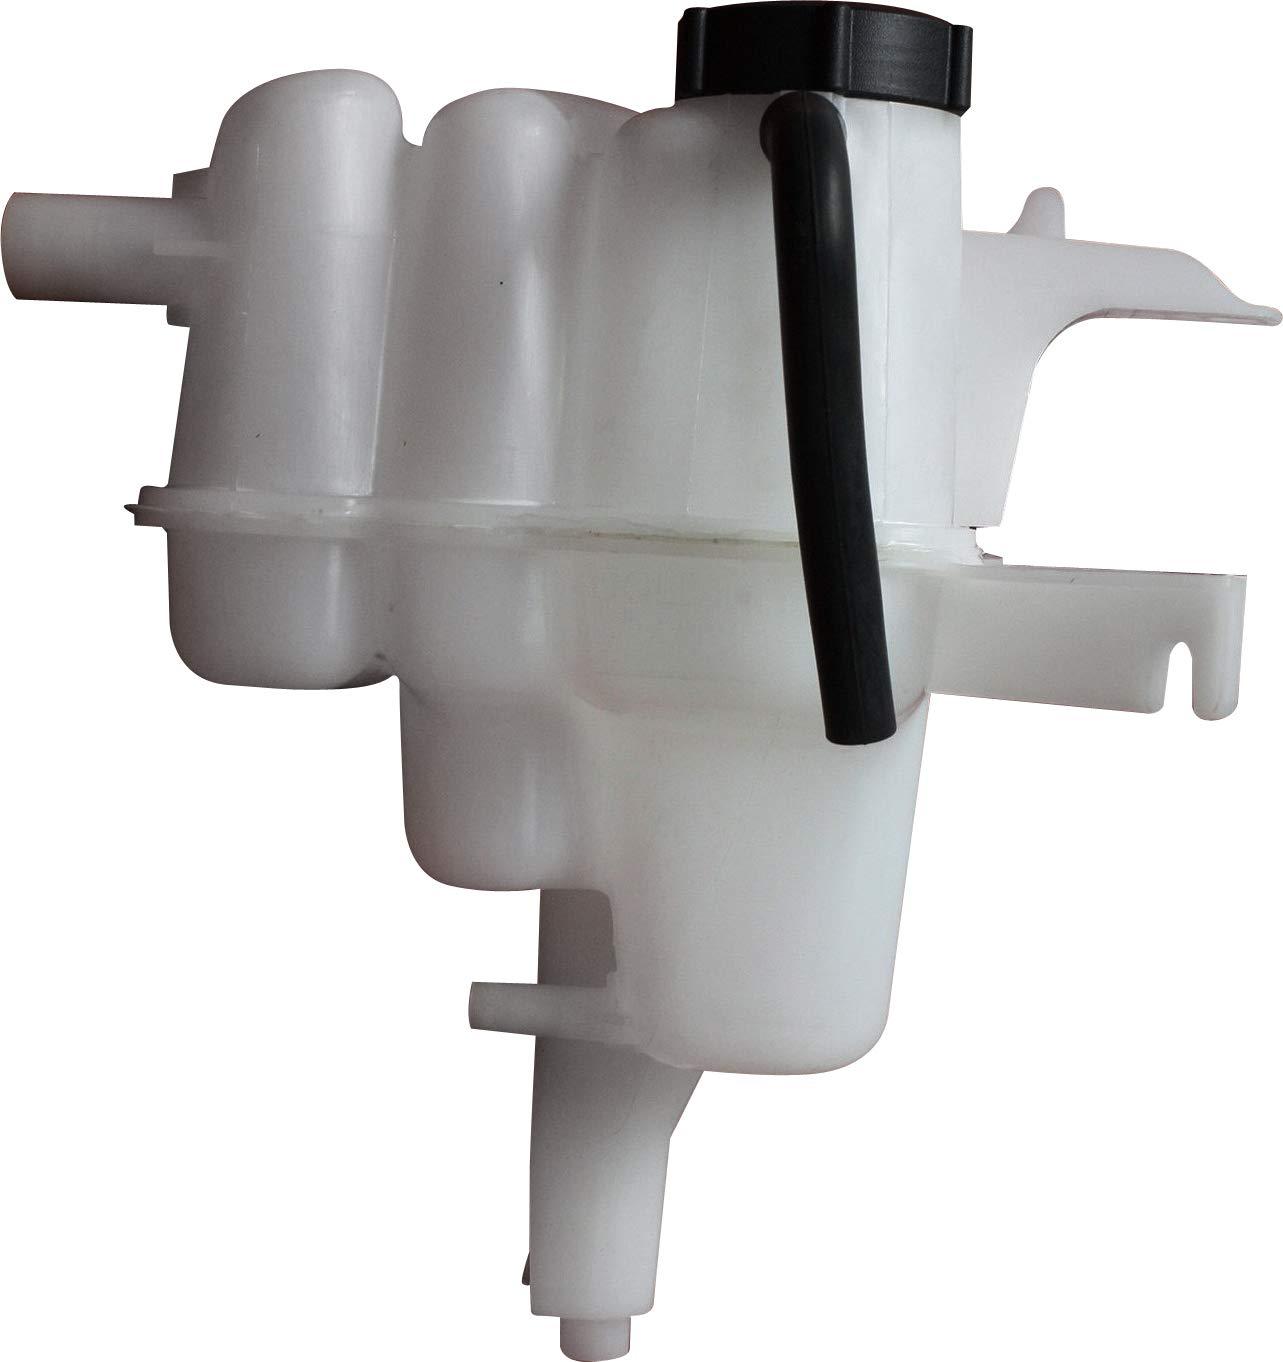 Garage-Pro Coolant Reservoir for FORD FOCUS 2000-2007 with Cap 2.0L DOHC 2.3L Engine